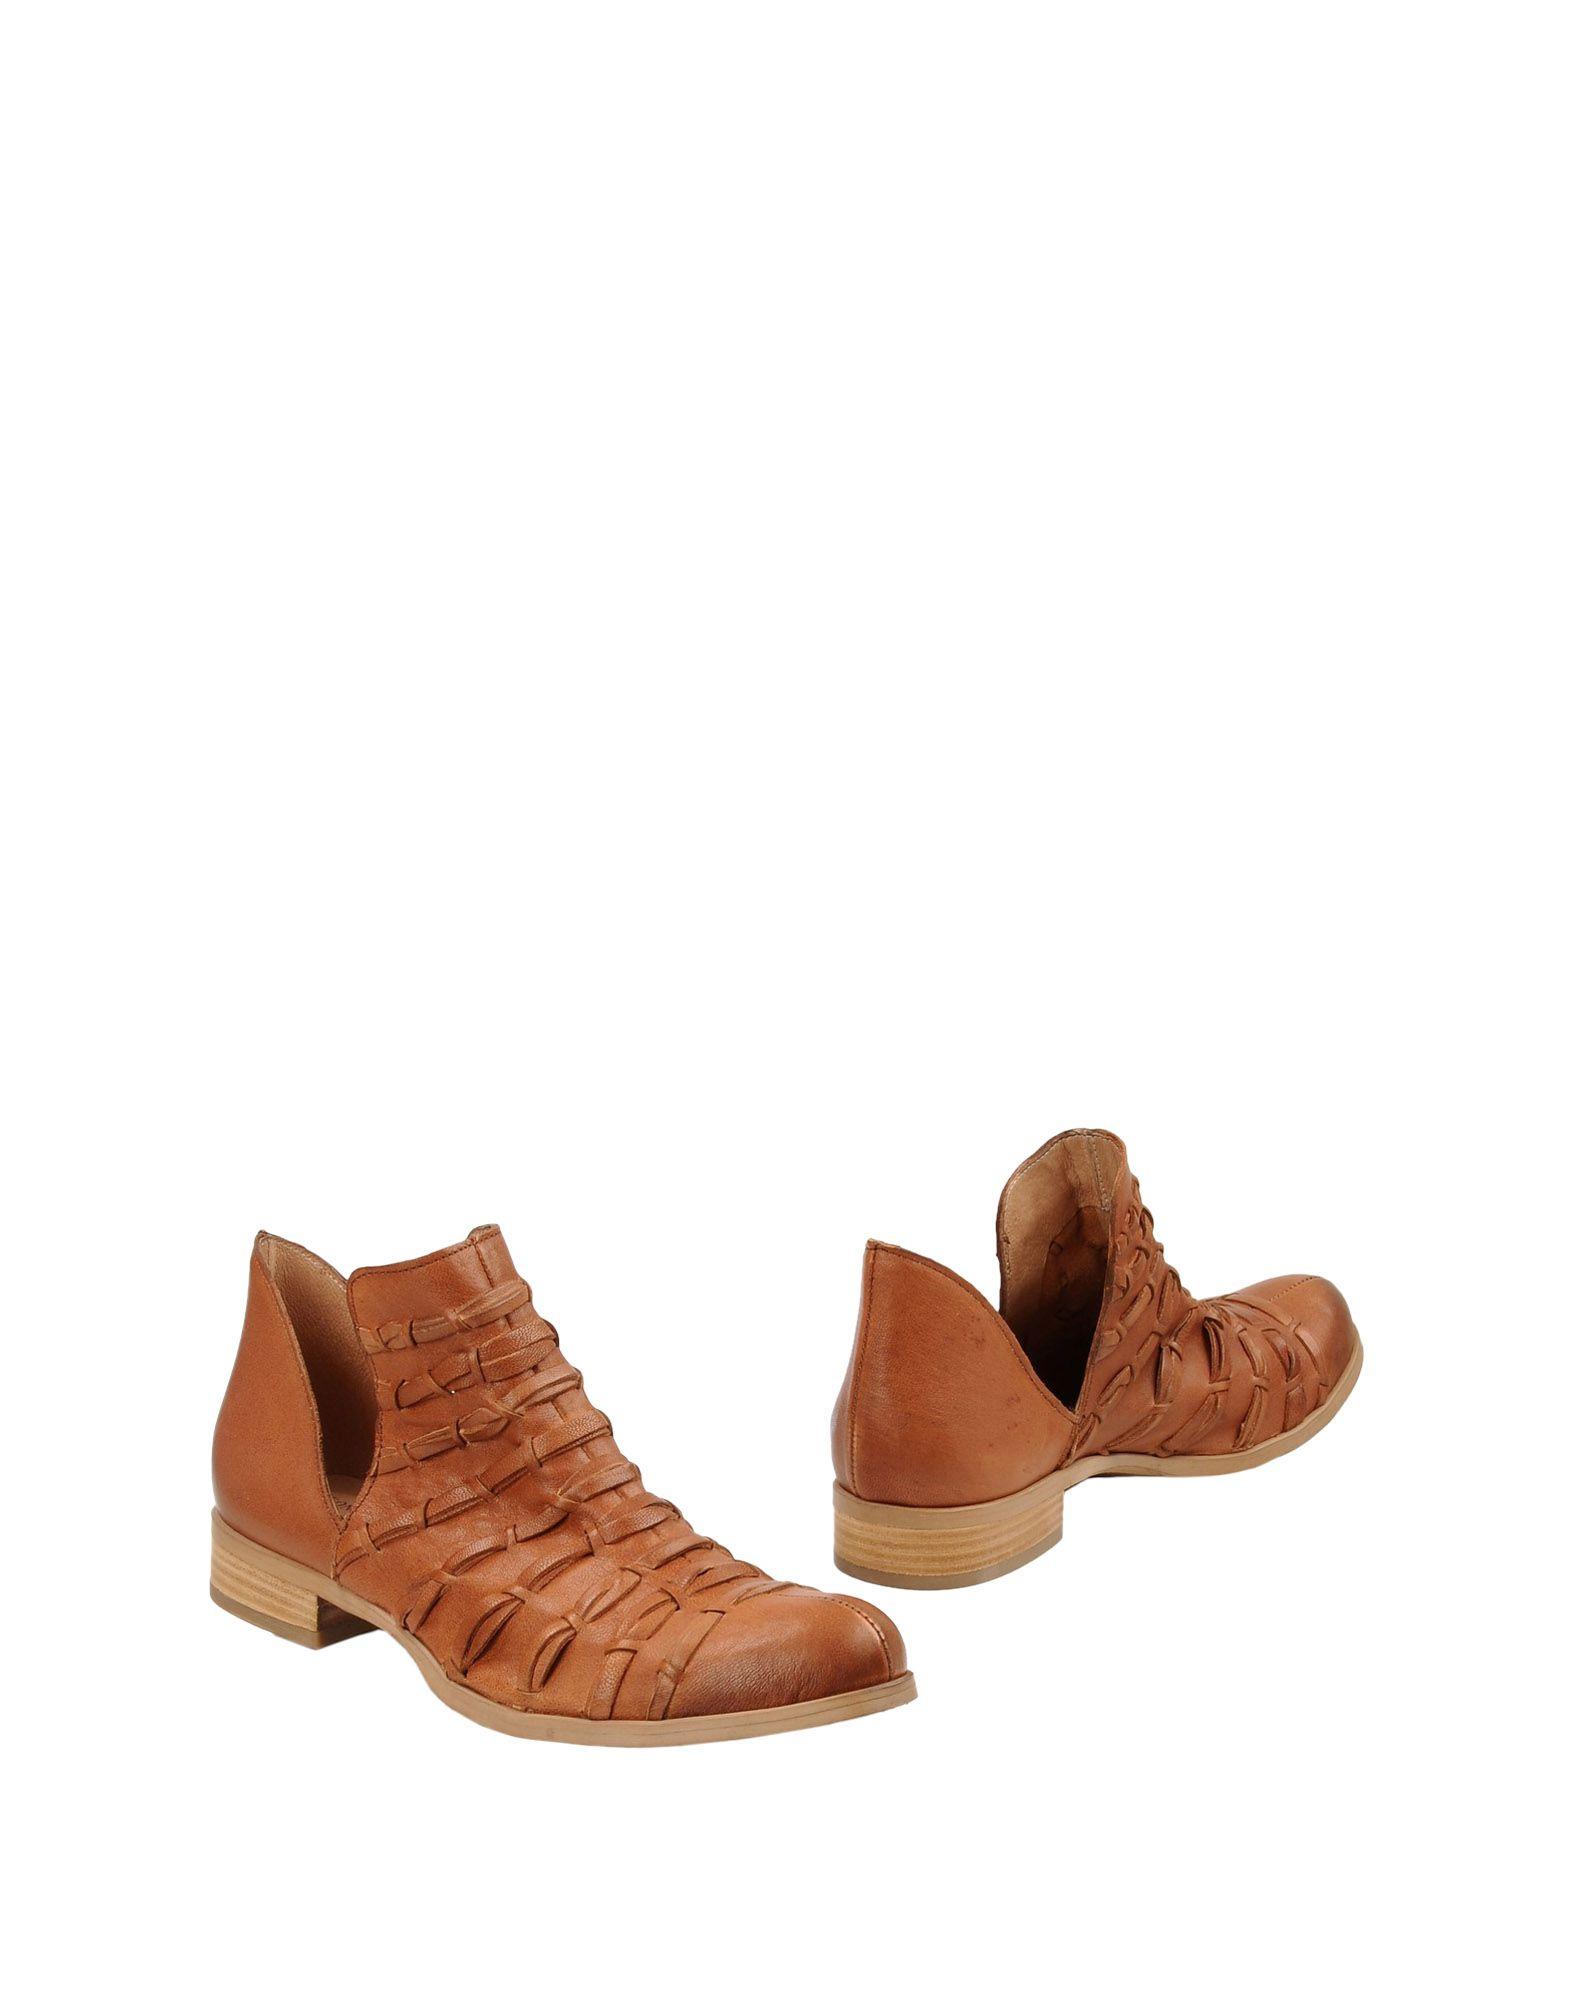 LEONARDO PRINCIPI Полусапоги и высокие ботинки leonardo principi полусапоги и высокие ботинки